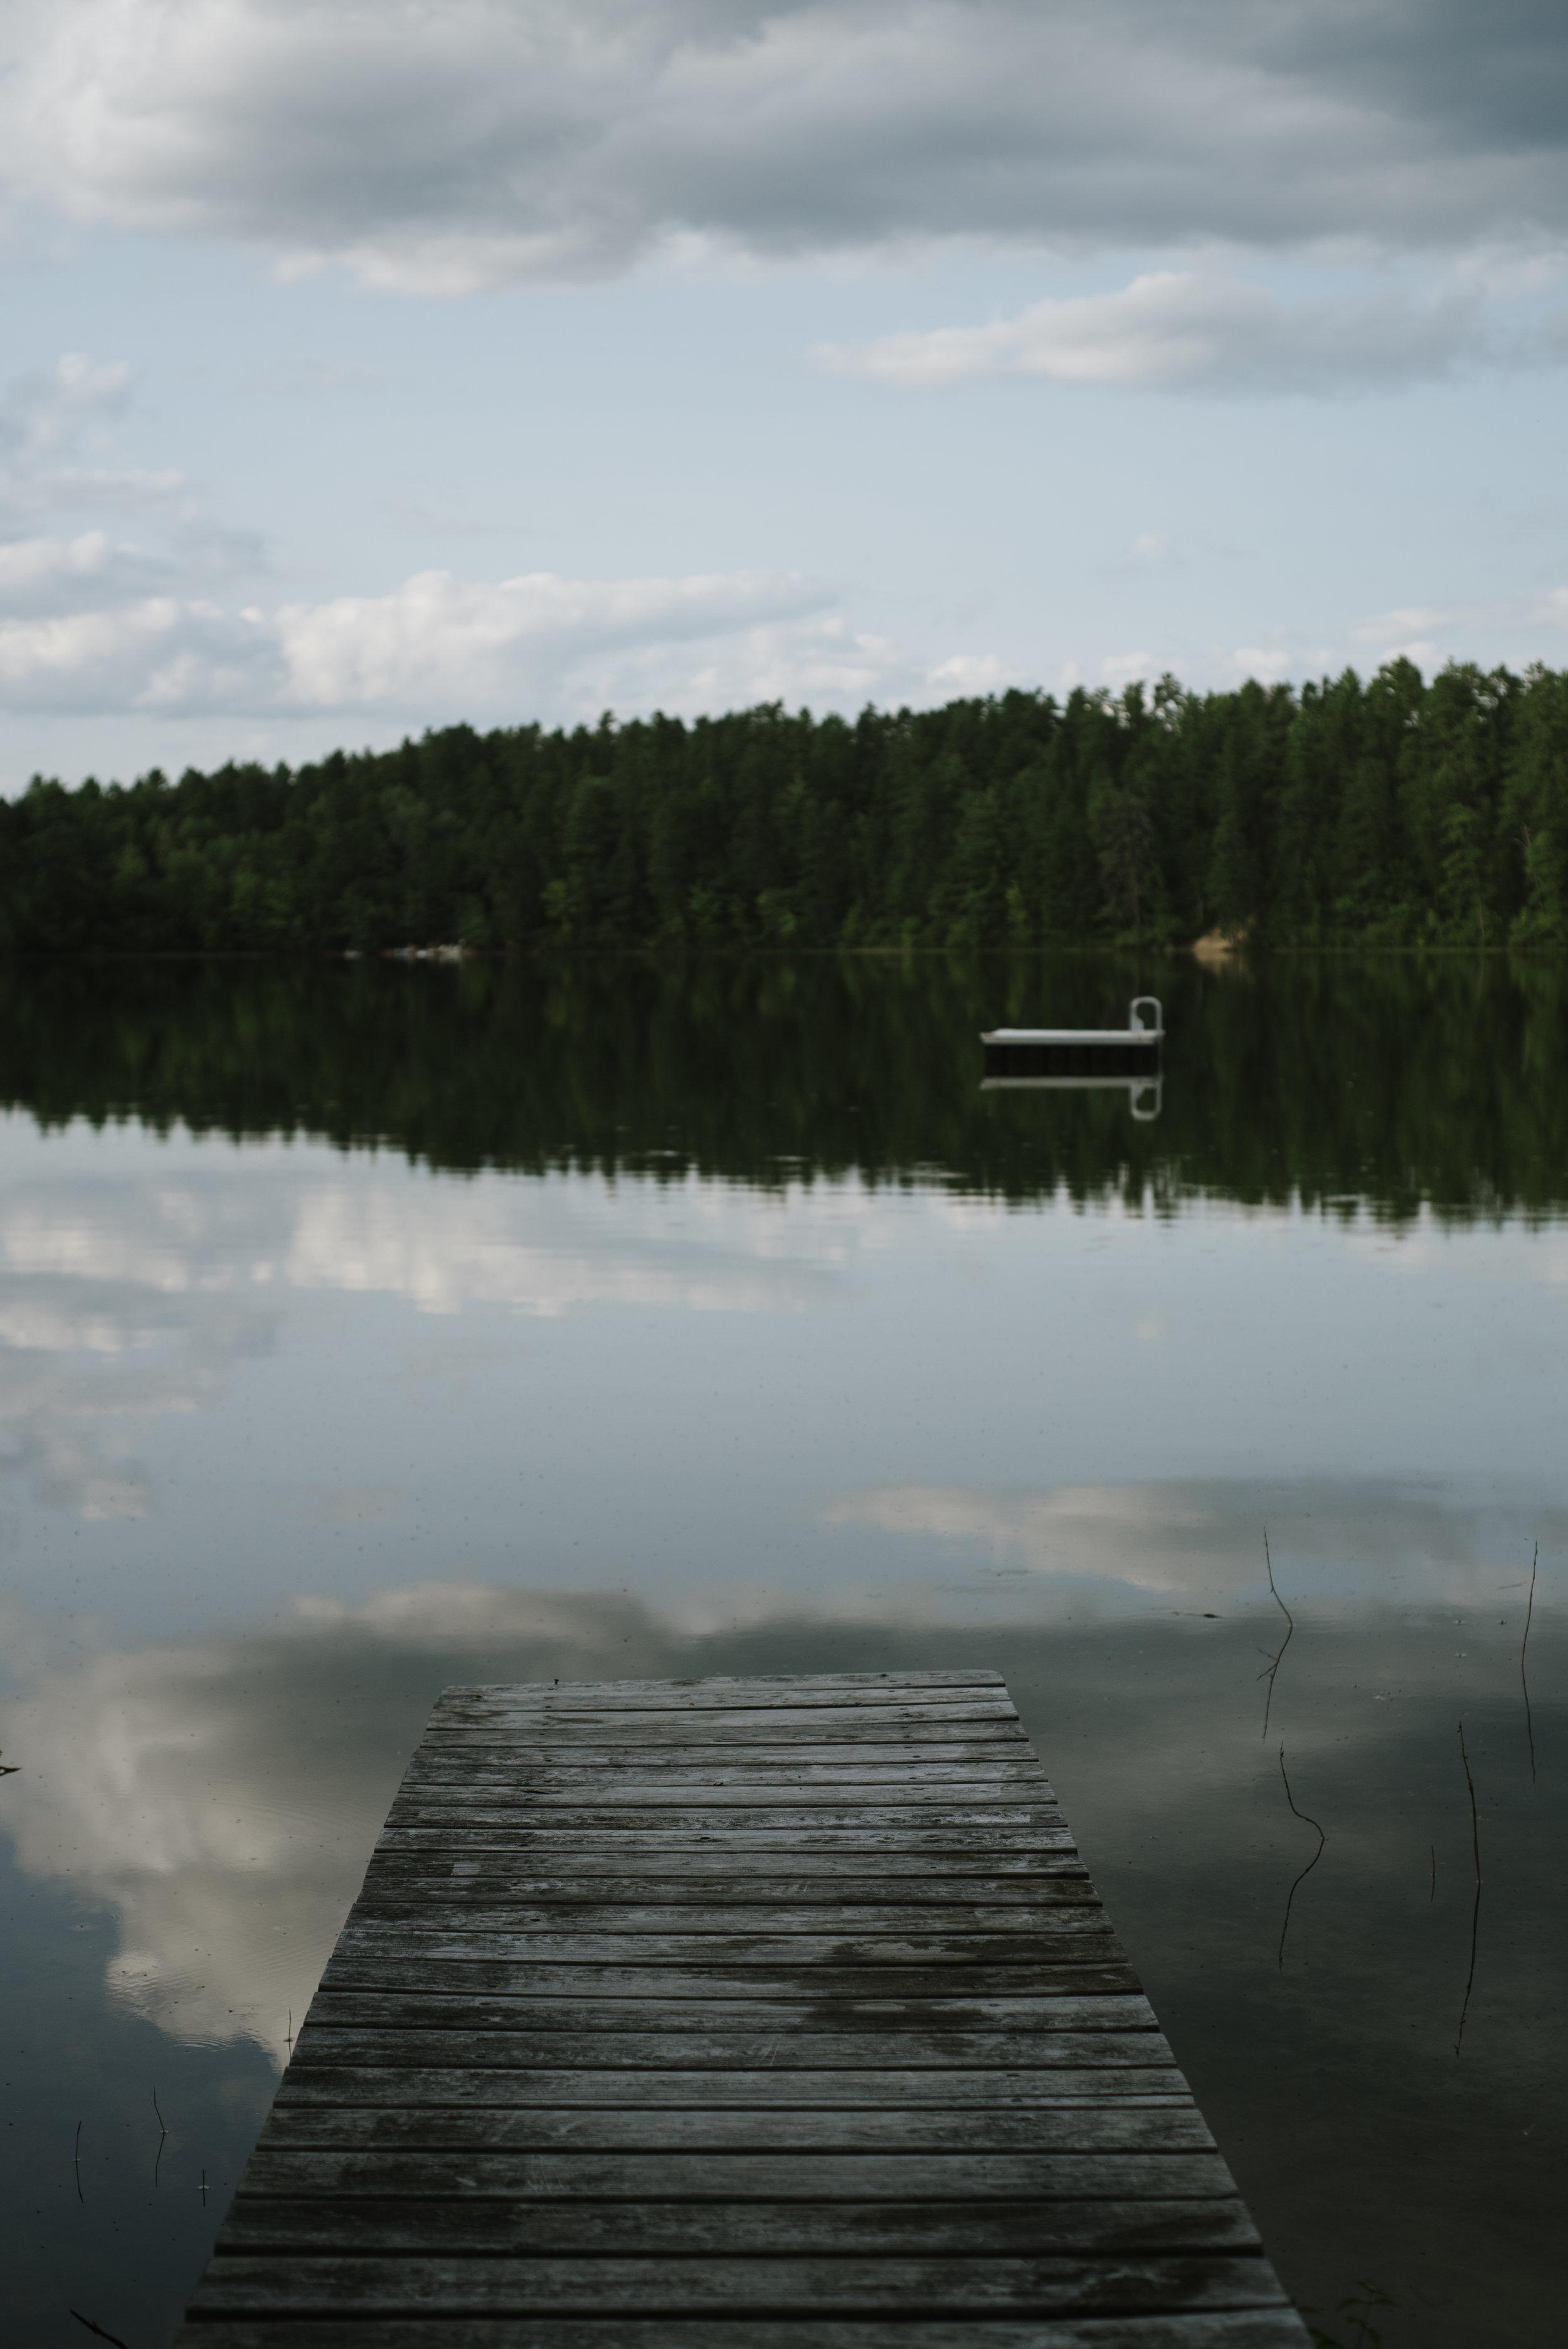 Camp-08.27.17-6.jpg